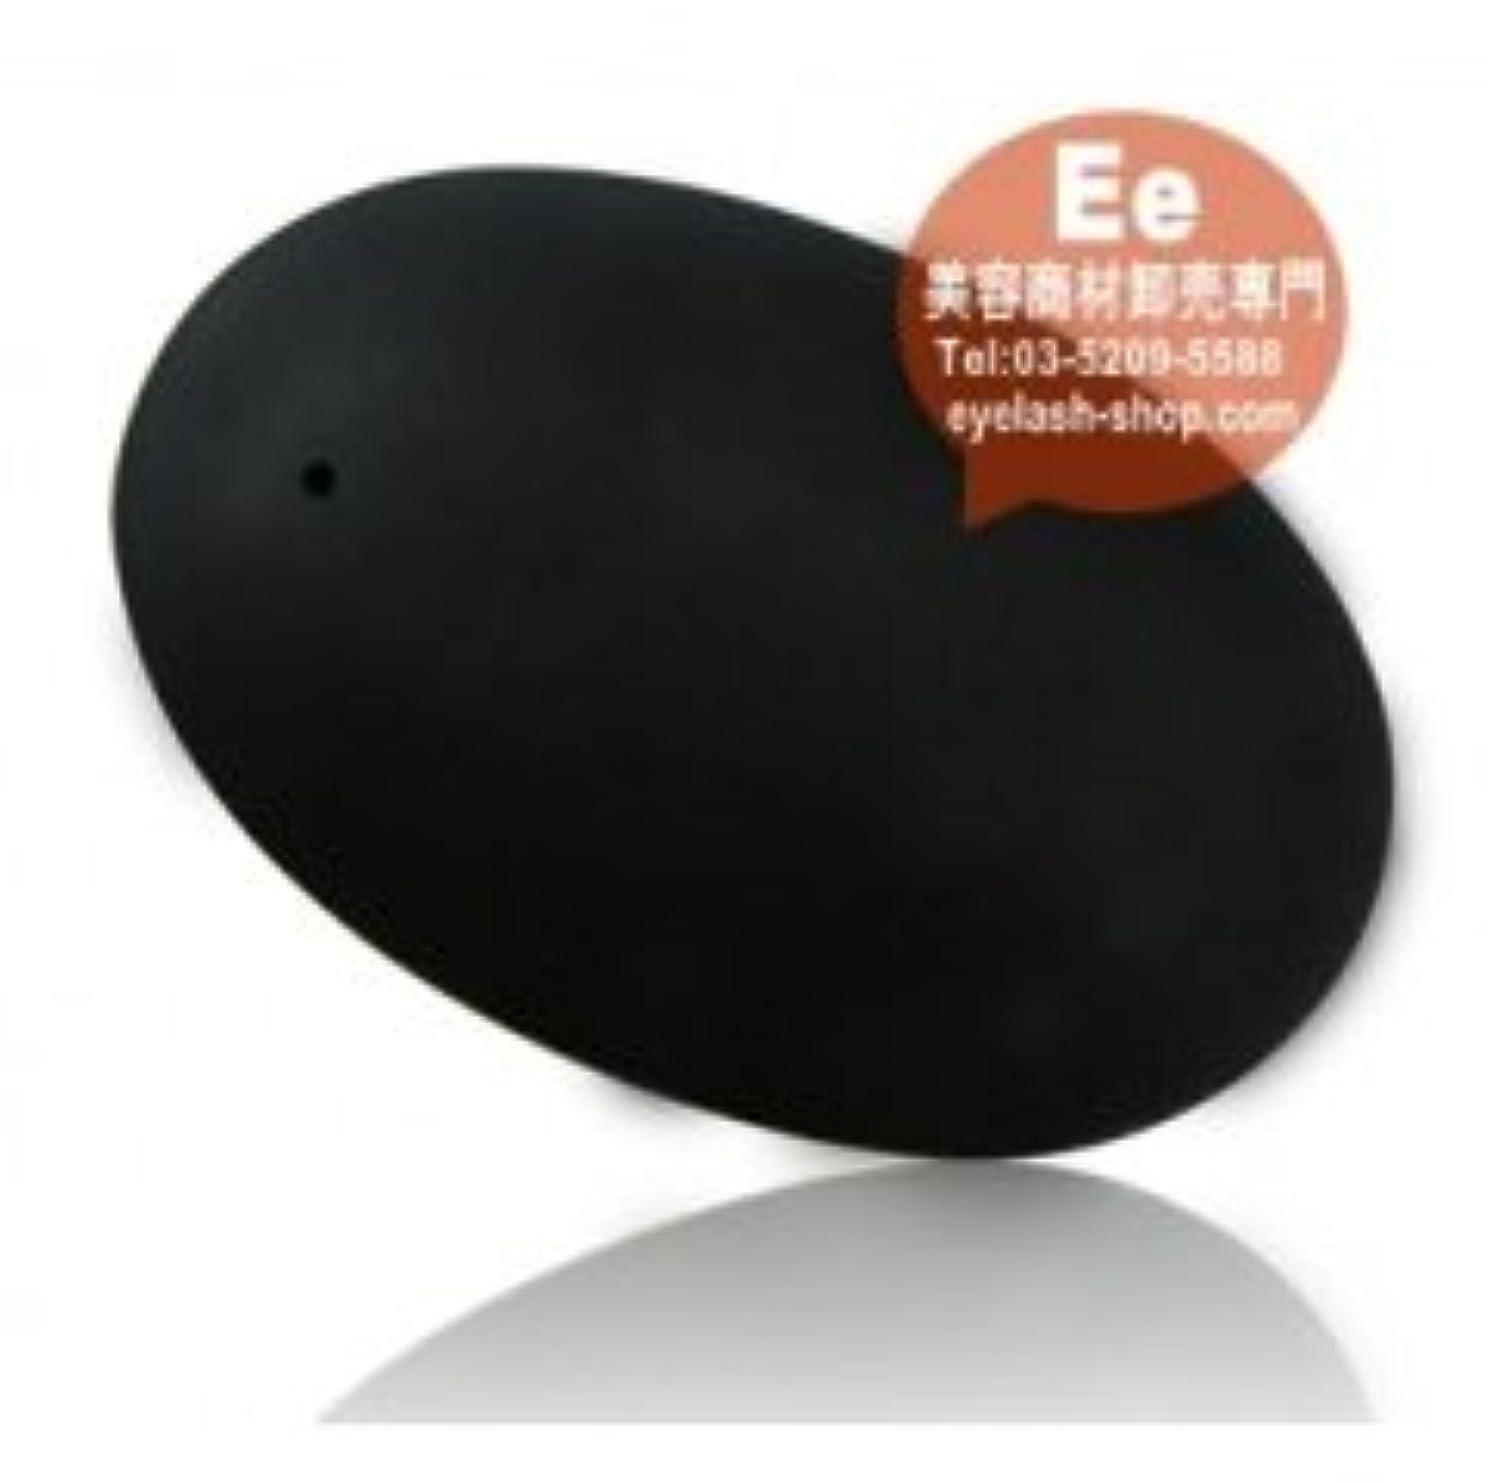 無知簿記係ムス【100%本物保障】最高級天然石美容カッサプレート 天然石カッサ板 S-9